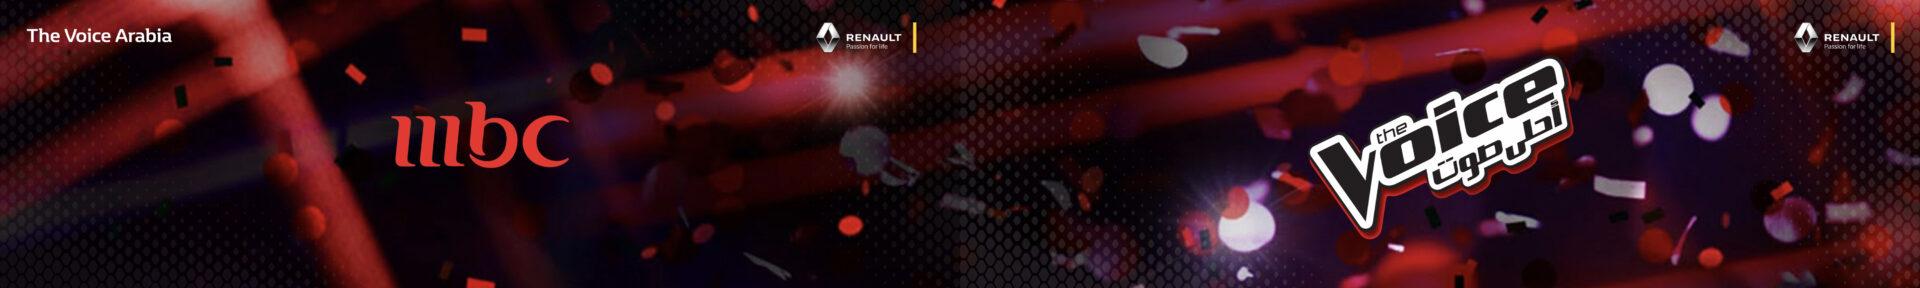 Renault-Keynote-20171028.011